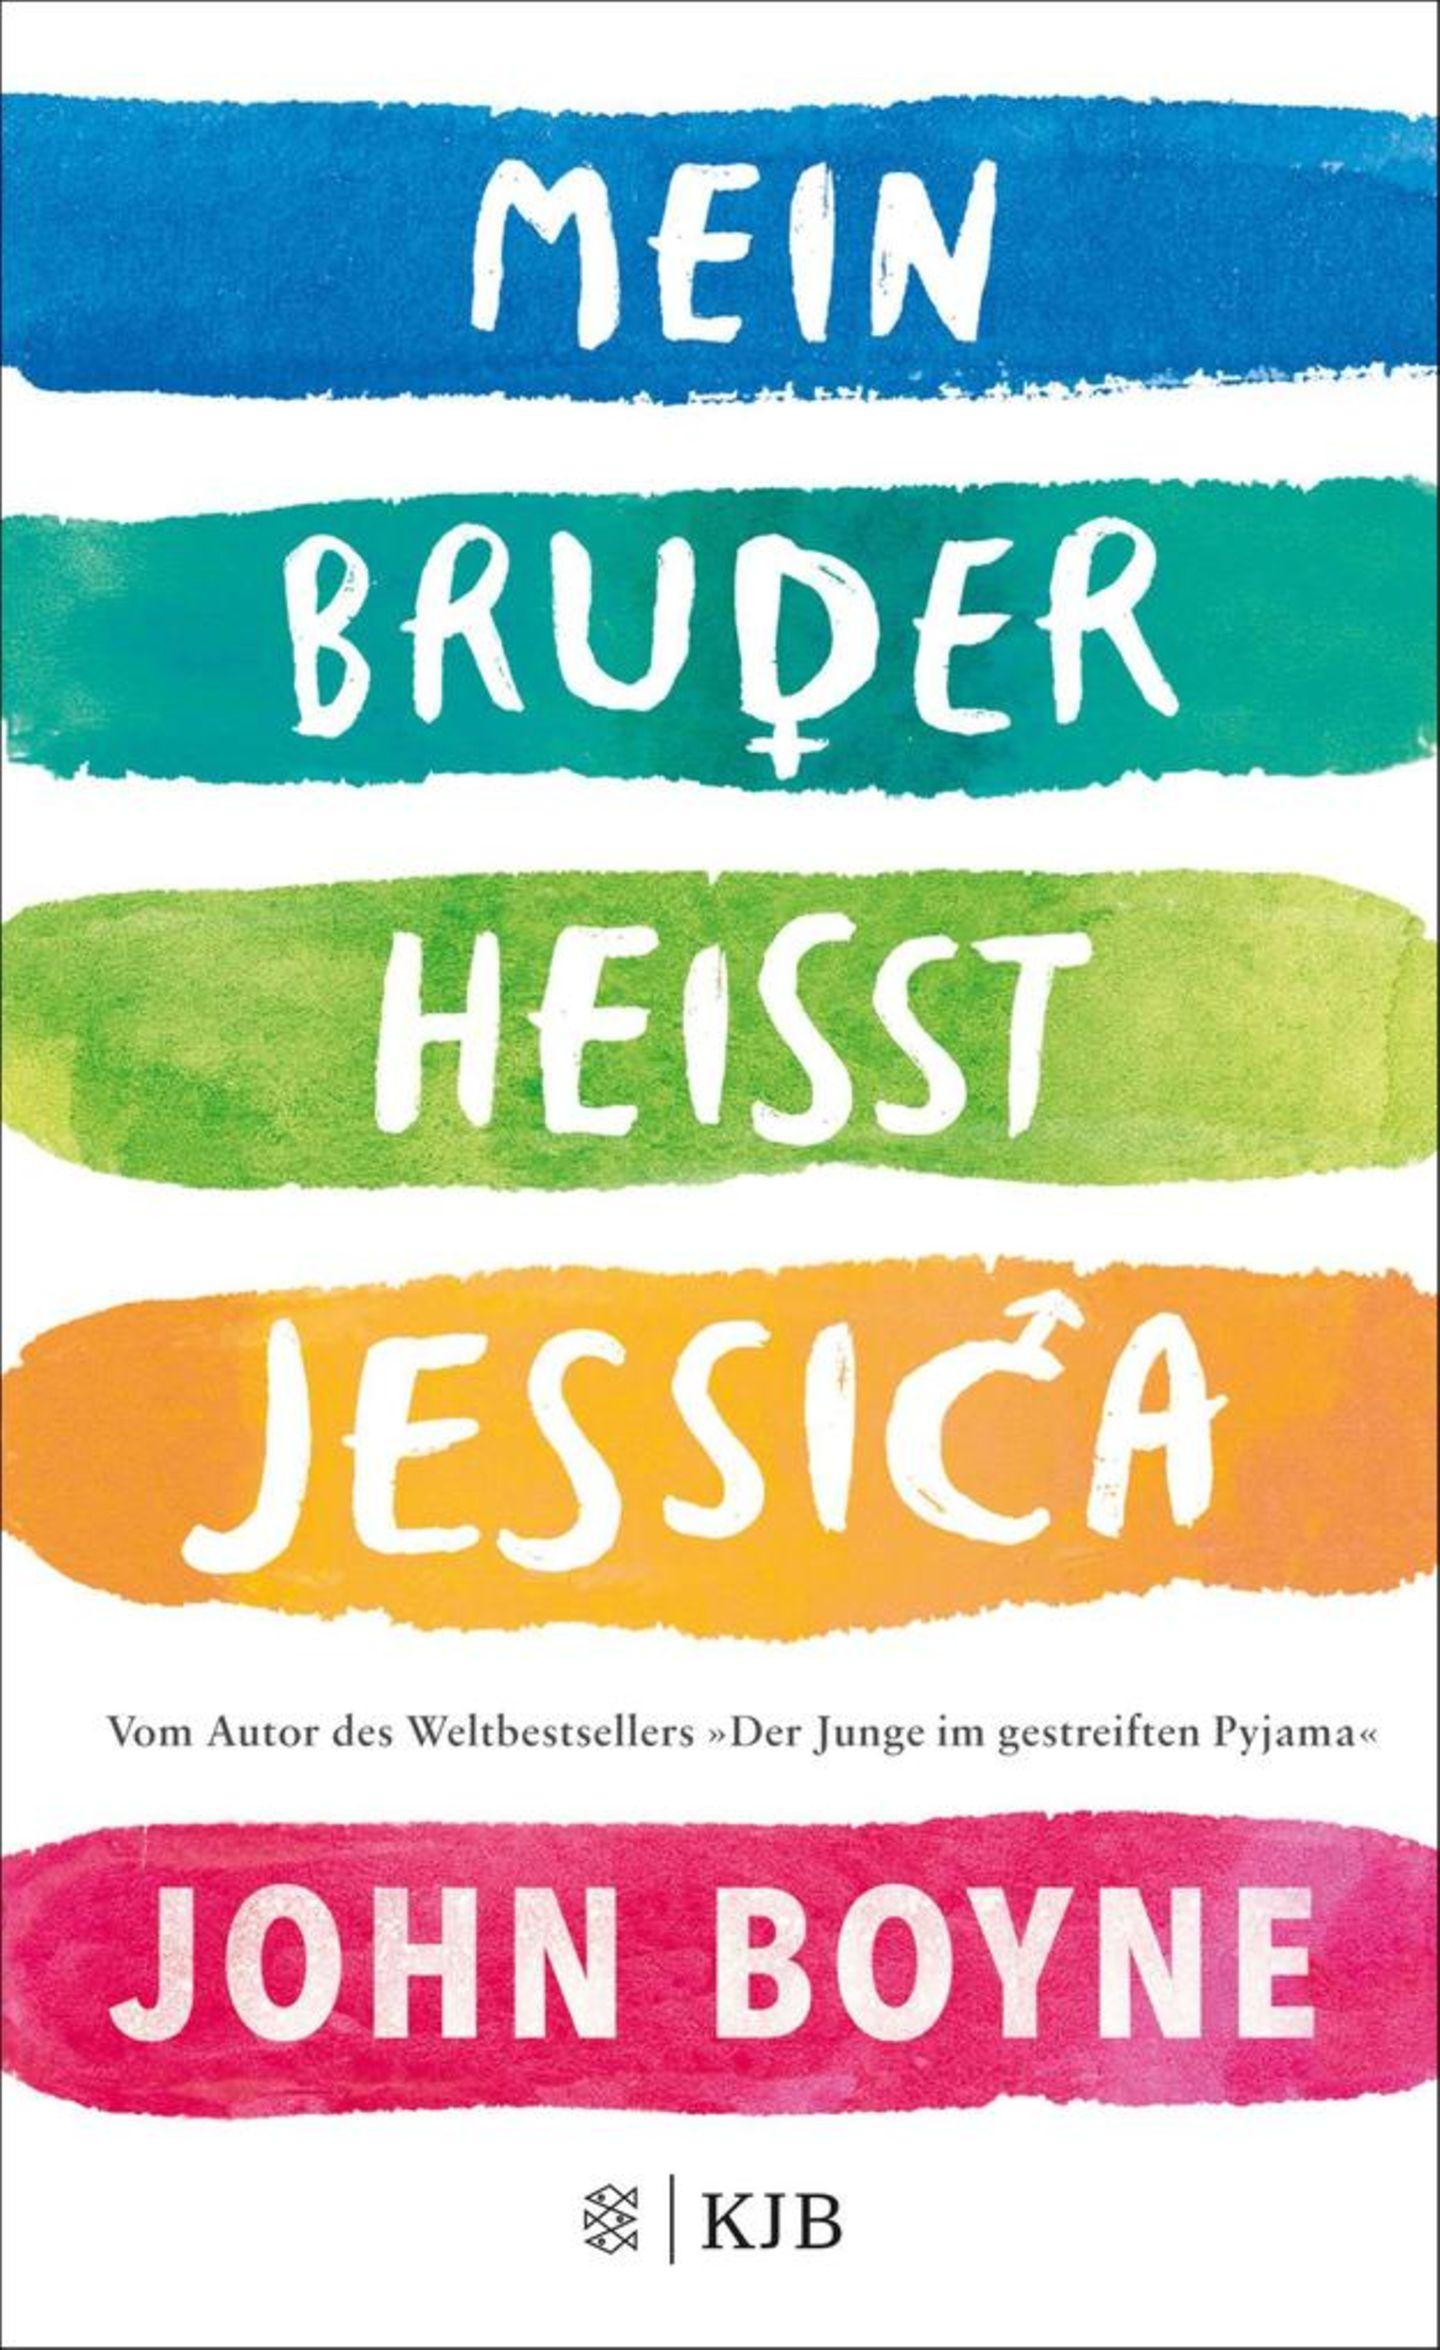 Buchempfehlung: Mein Bruder heißt Jessica